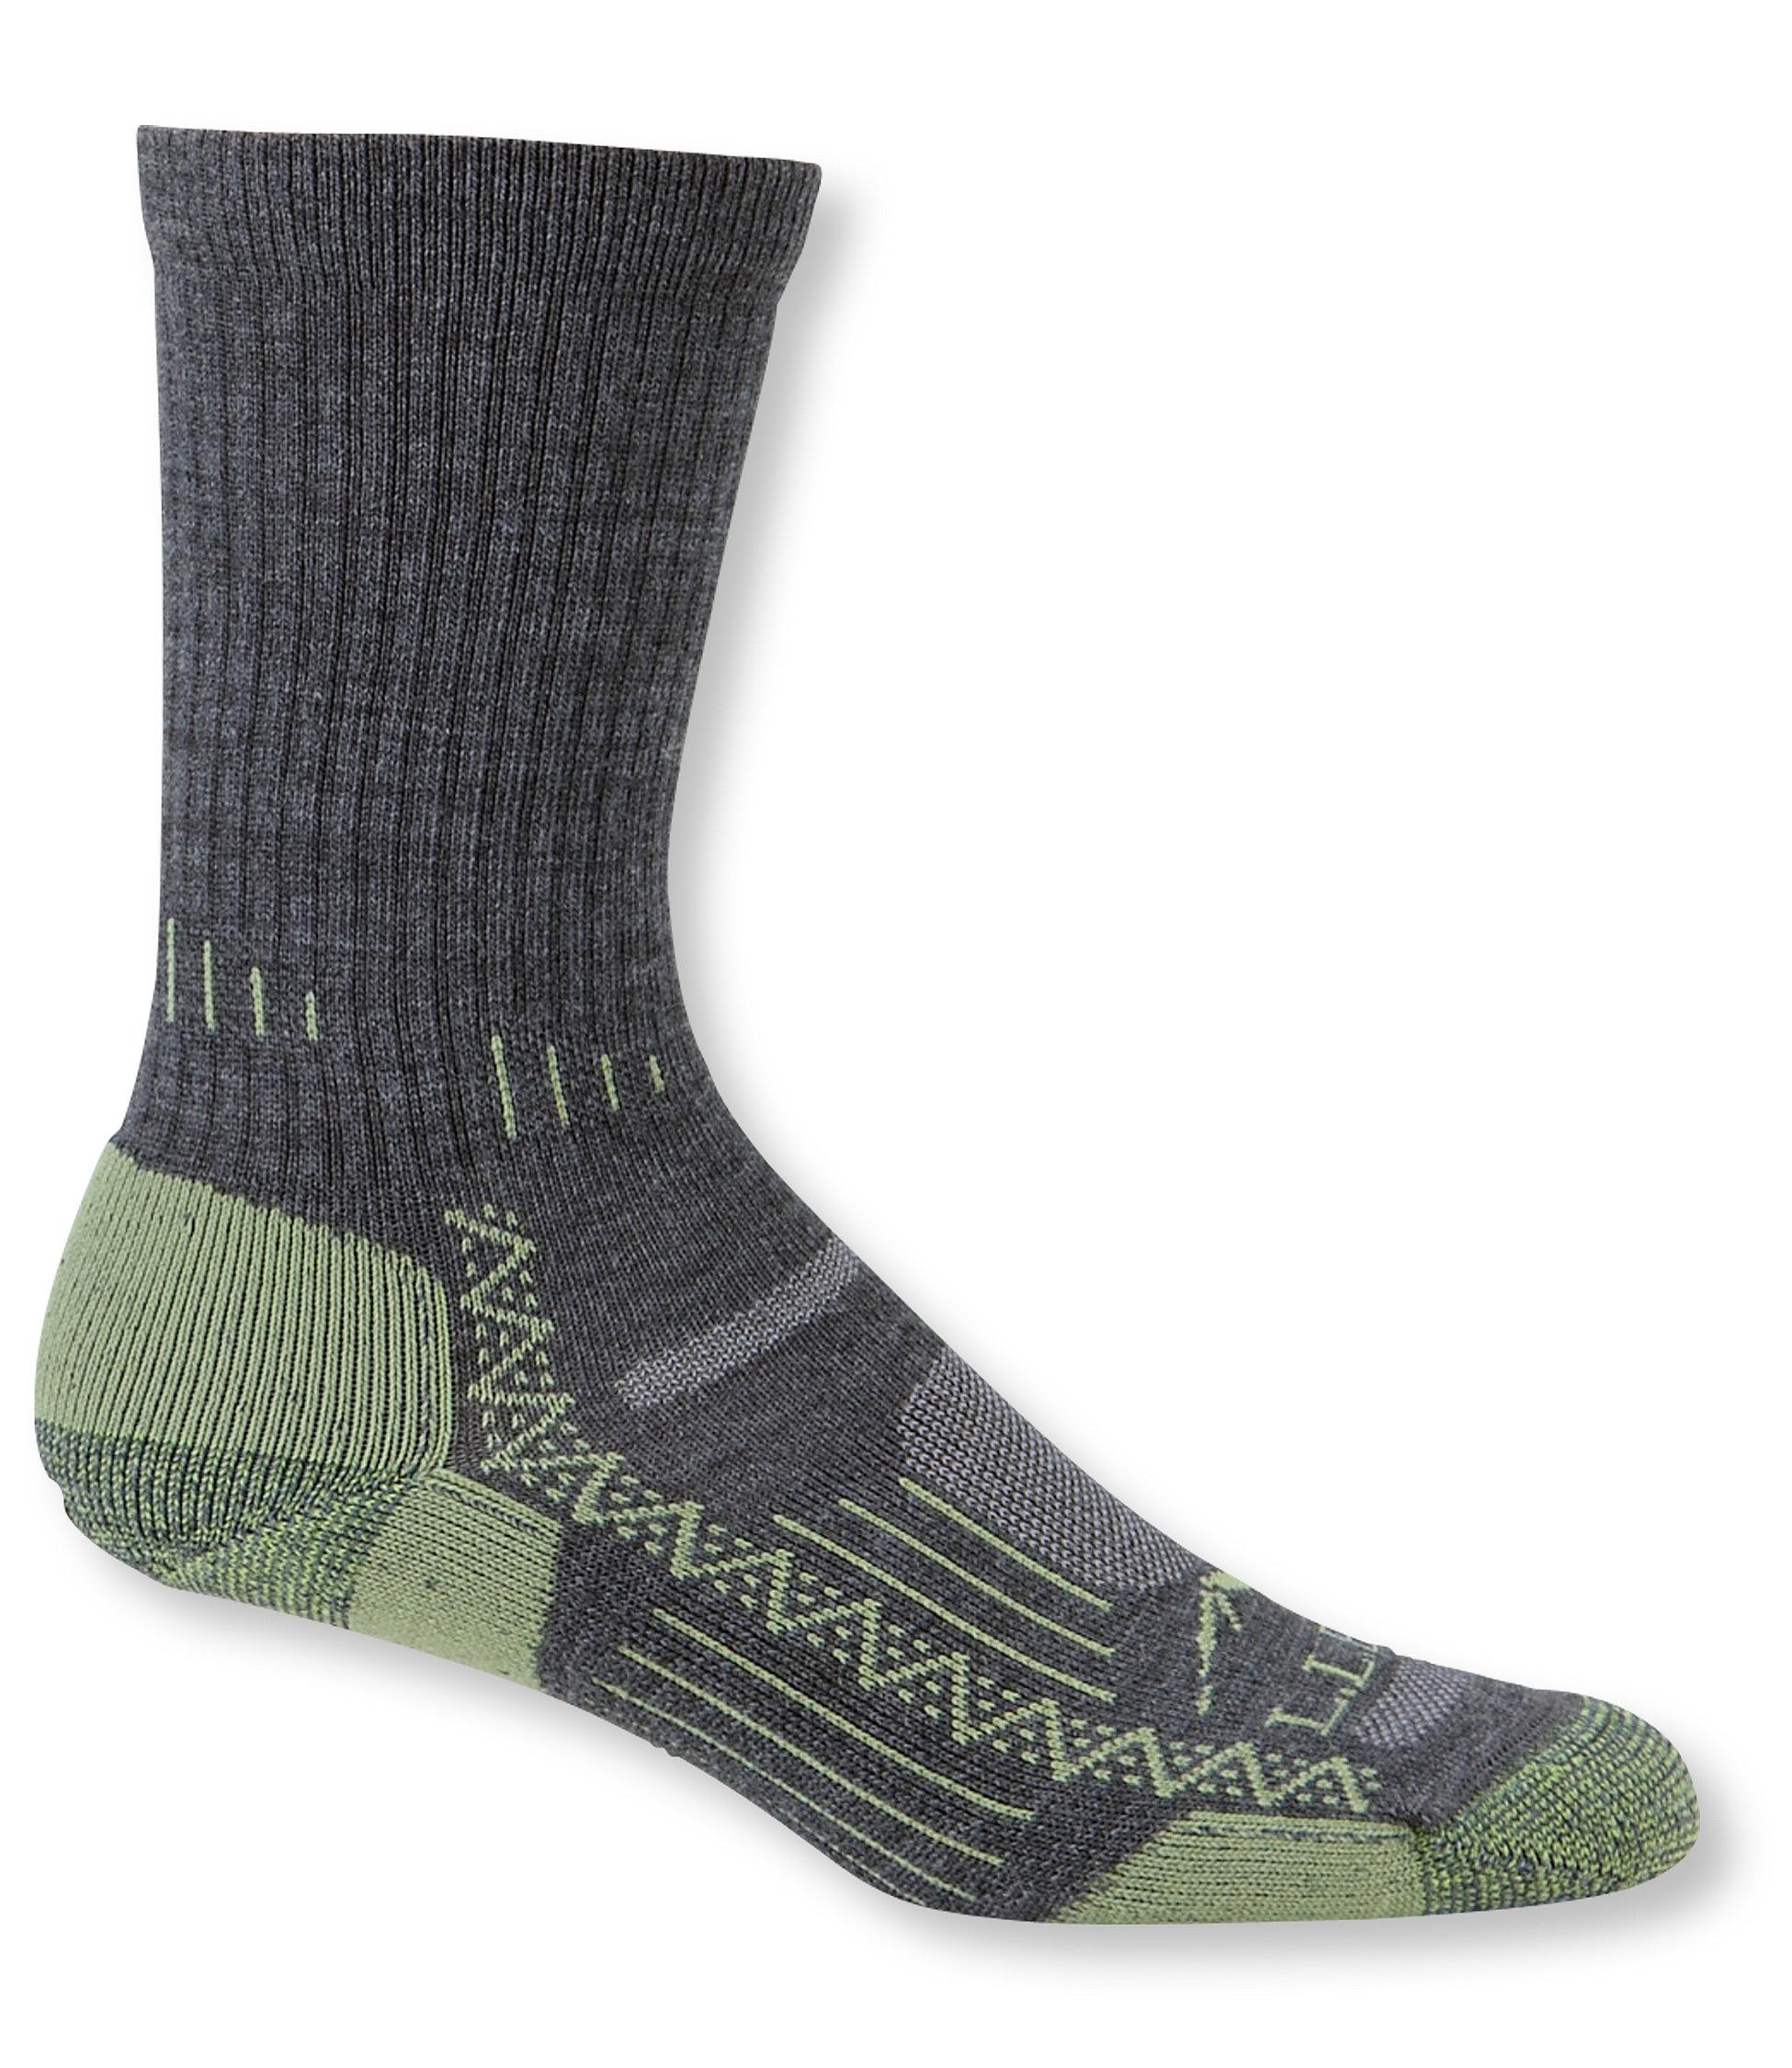 L.L.Bean Ascent Hiking Socks, Midweight 2-Pack